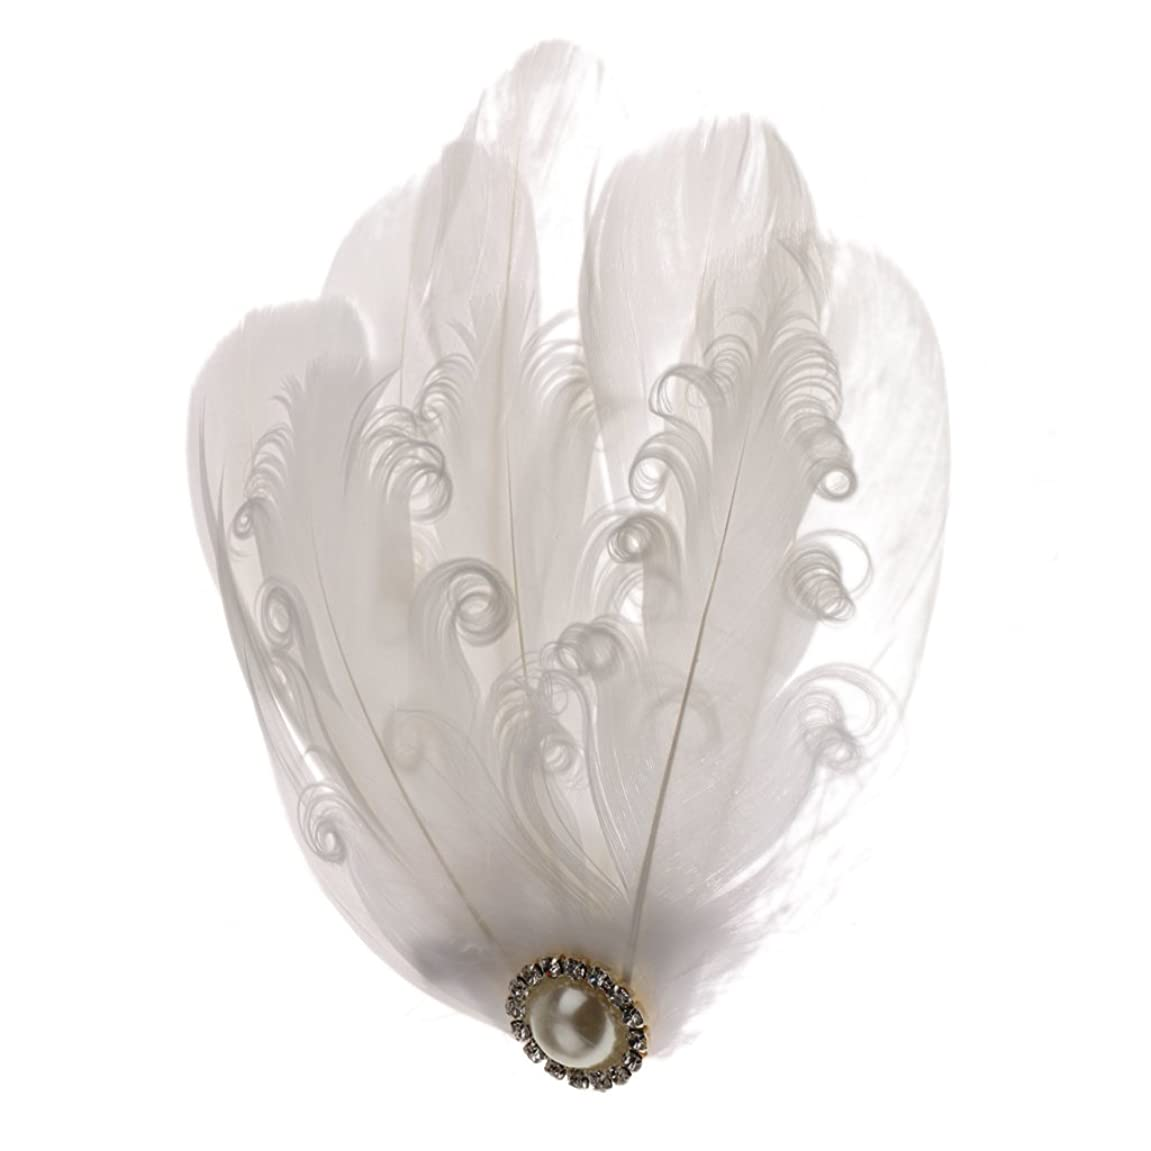 微生物頑丈アコードPrettyia 髪飾り ホワイト フェザー ヘアクリップ ふわふわ  羽根 結婚式 花嫁 装飾 インテリア パーティー ウェディング 髪用